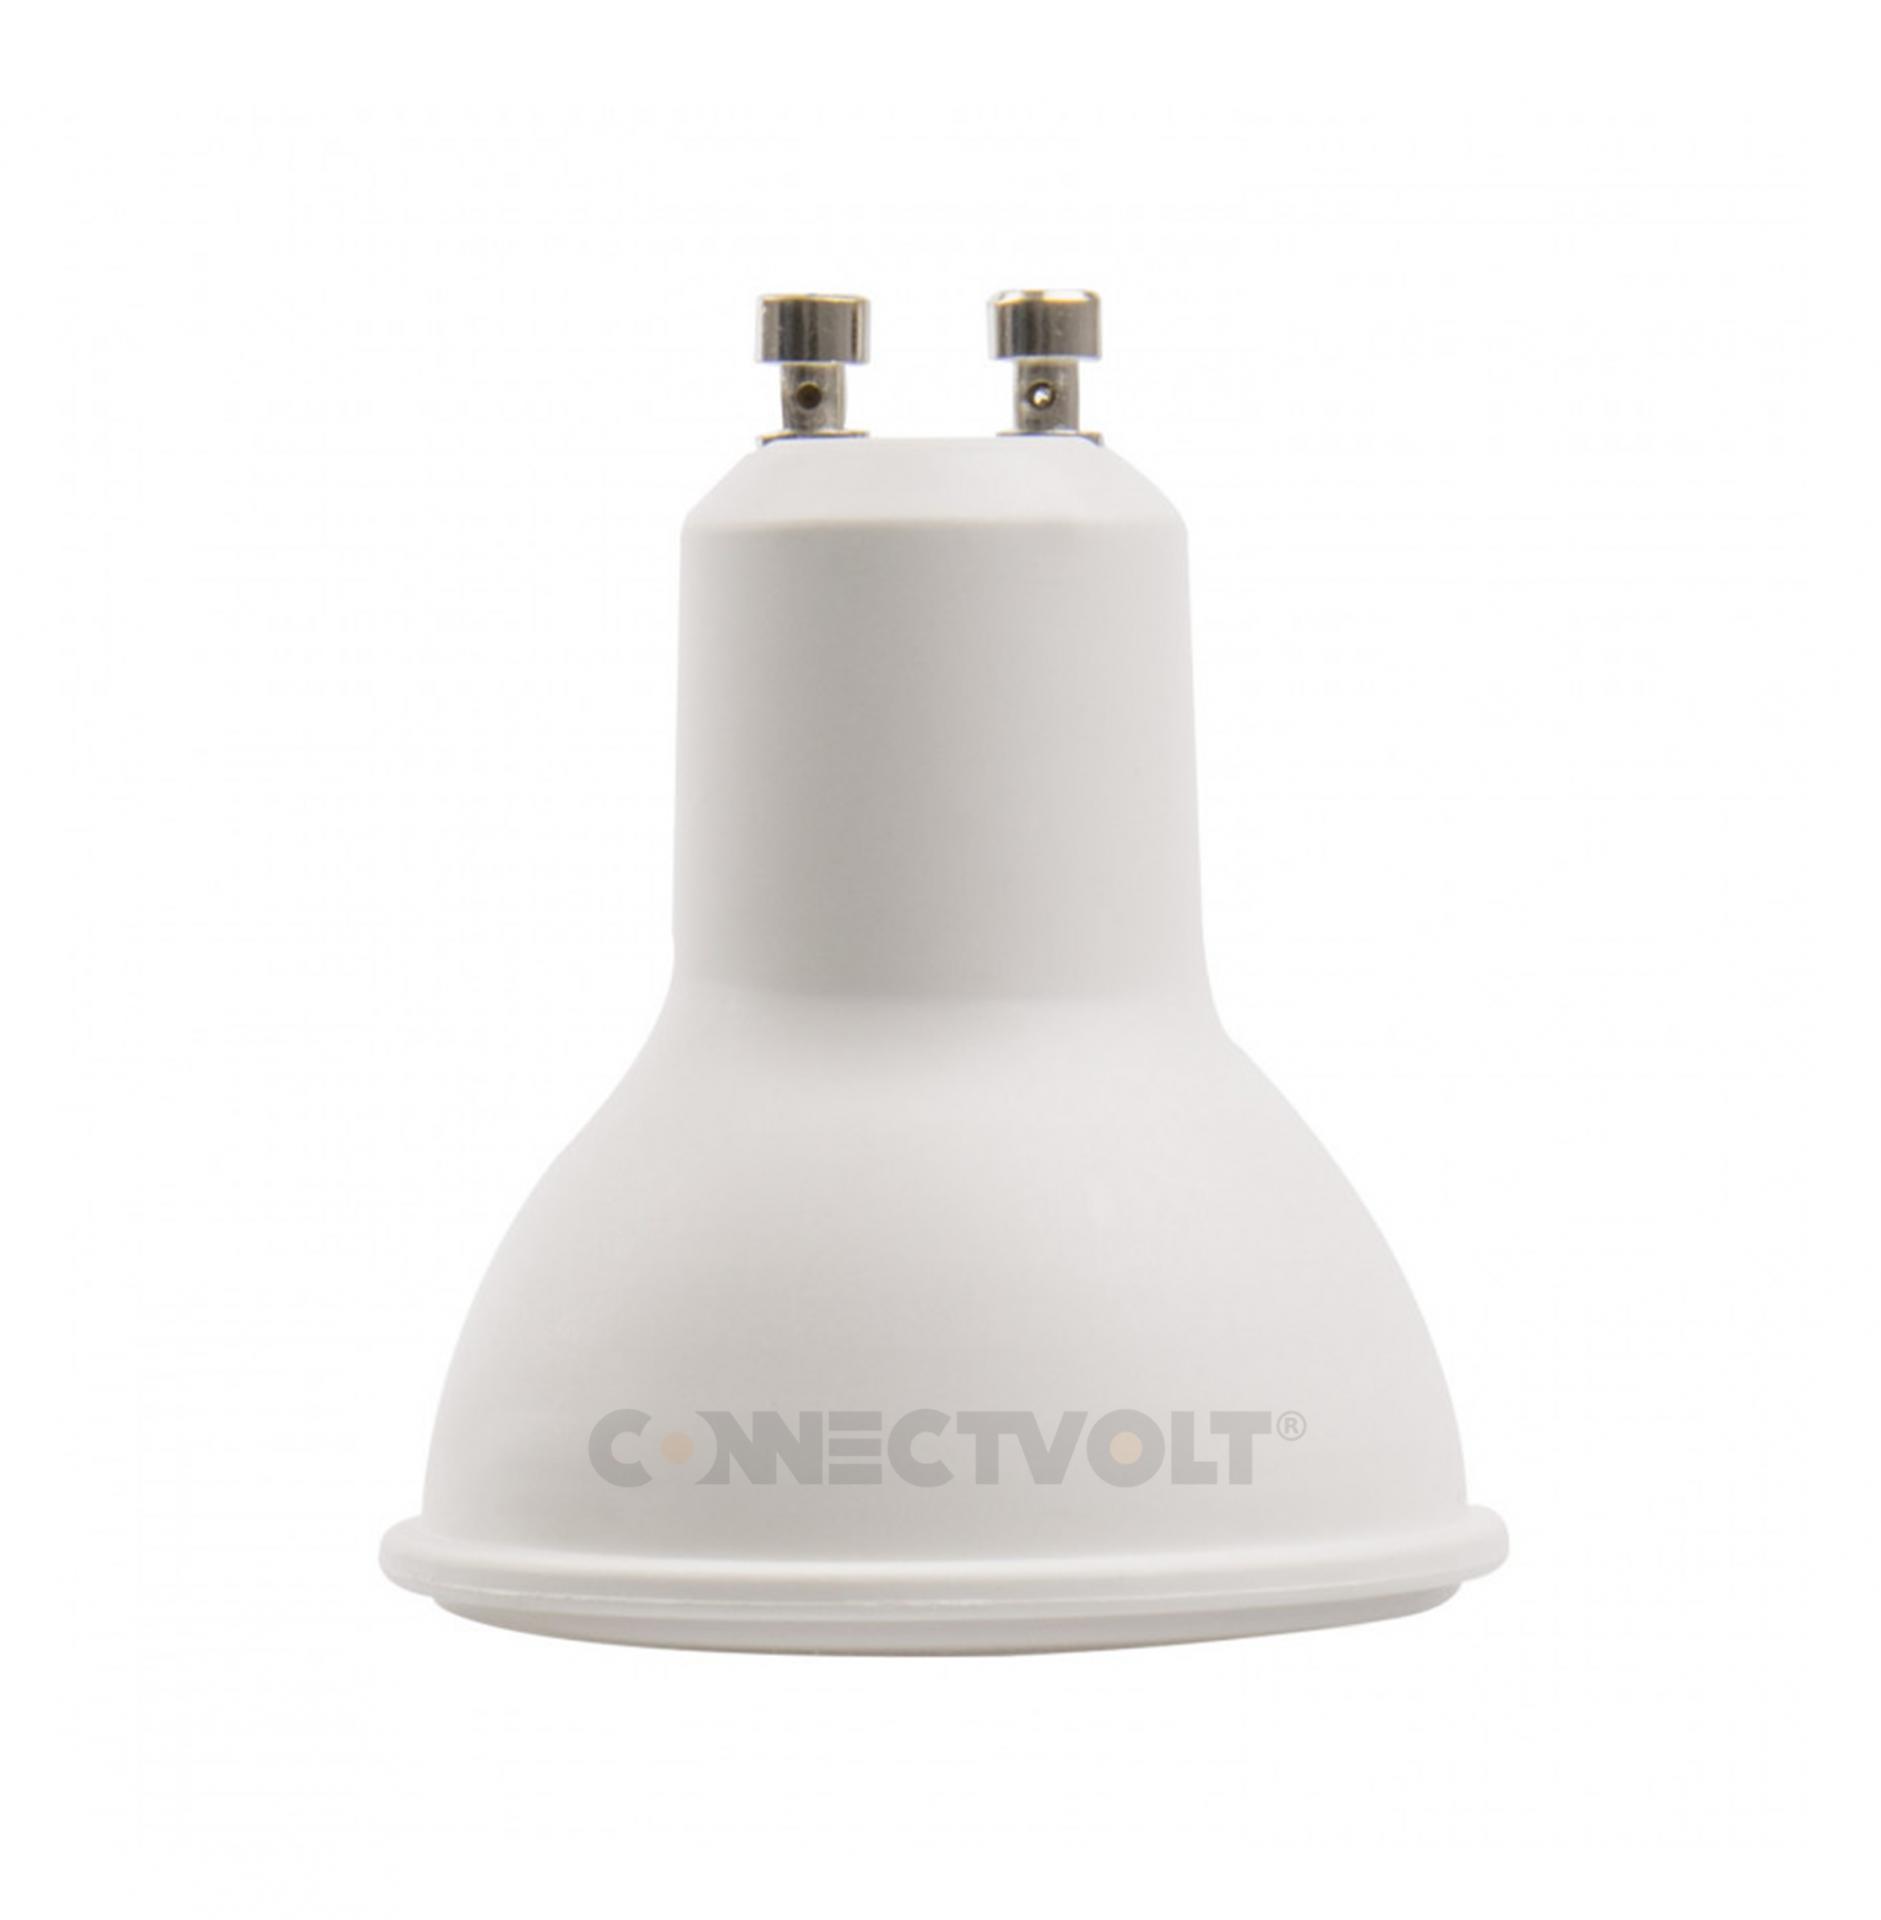 LED Lâmpada GU10 5W 120º